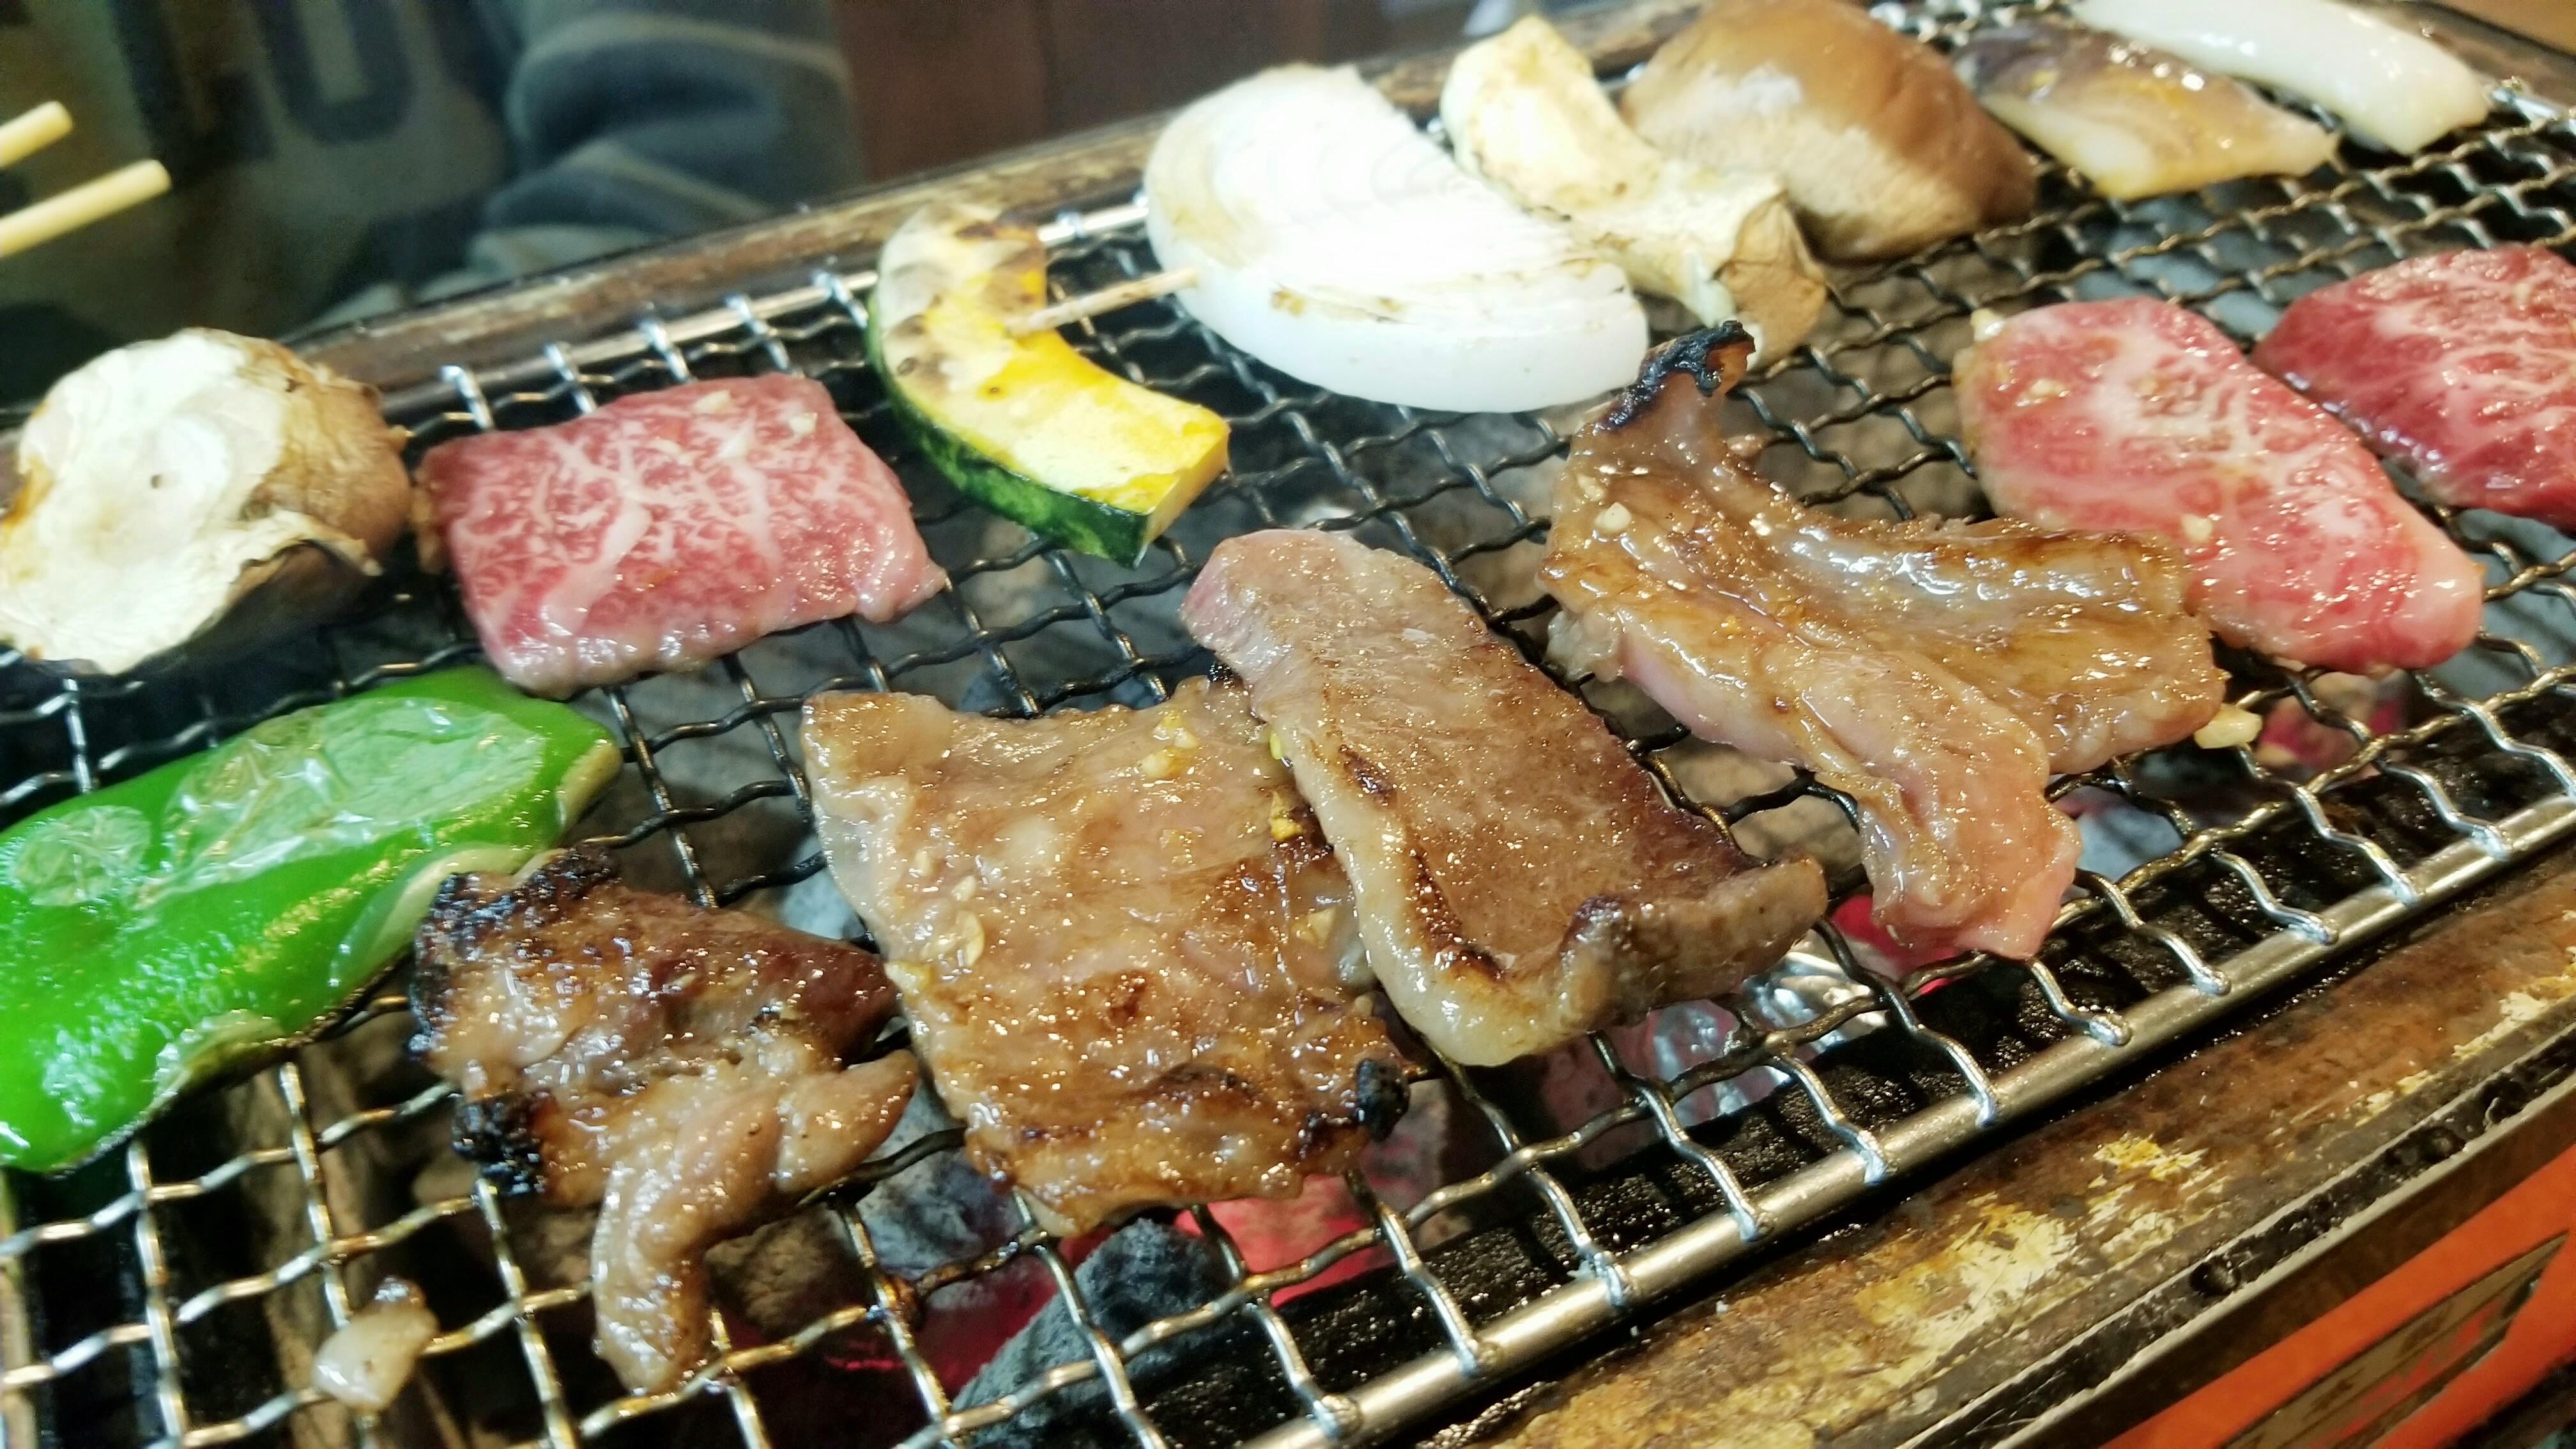 焼き肉屋美味しいおすすめコスパ愛媛県松山市人気メニュー牛スジ